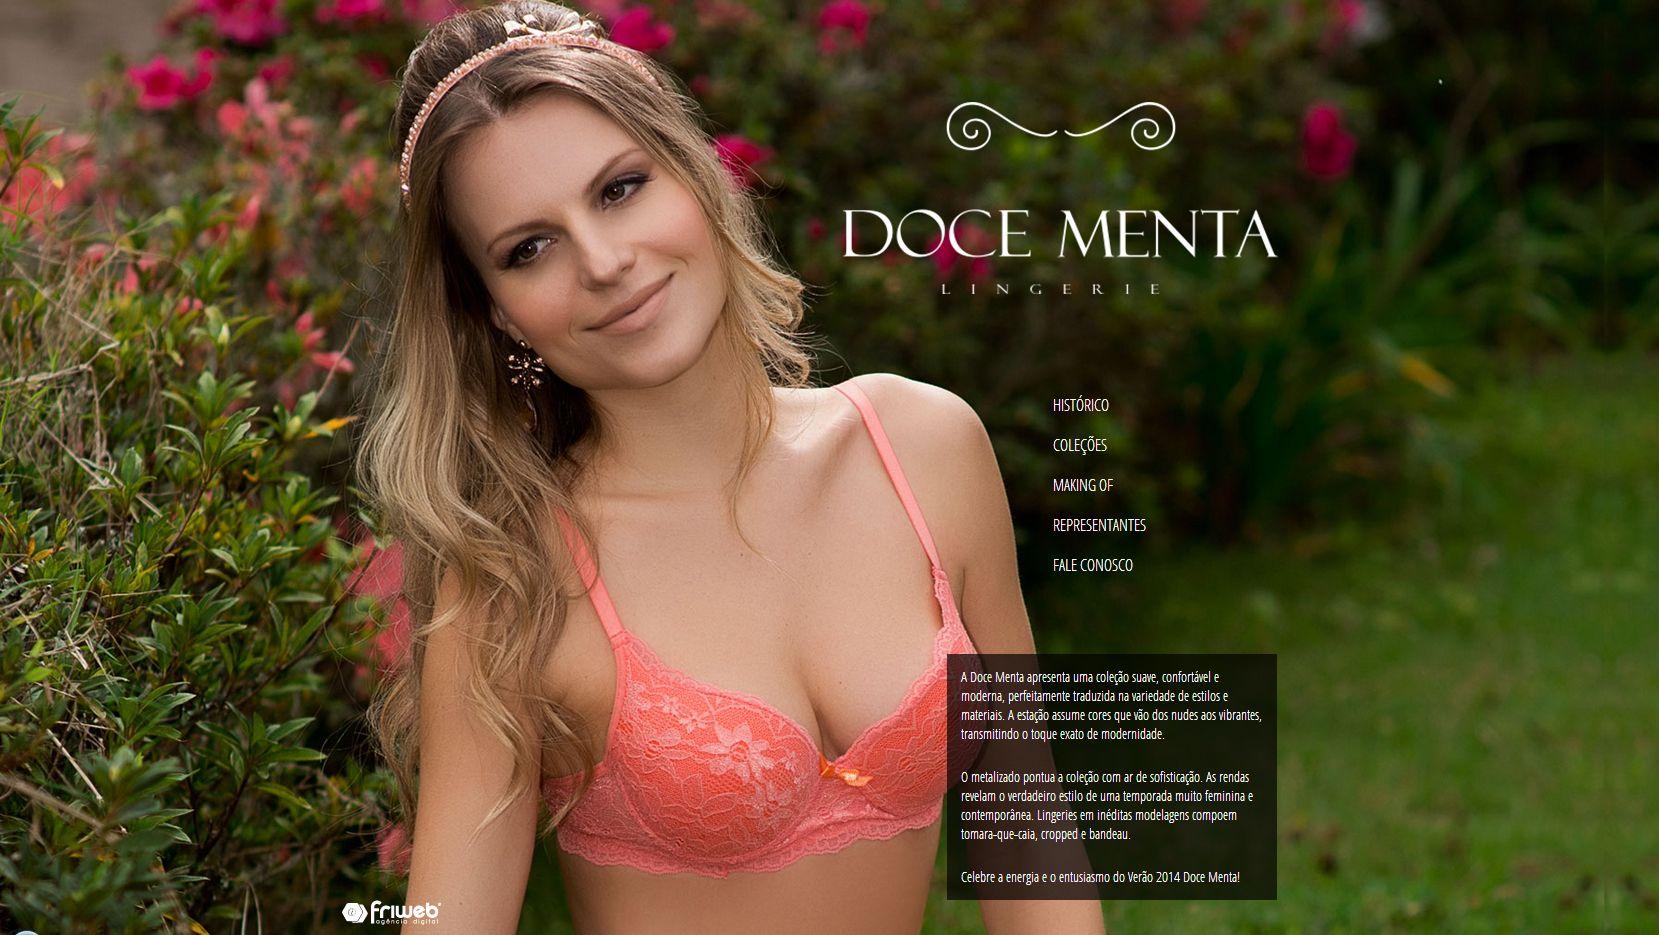 daa29b216 O novo layout do site Doce Menta Lingerie destaca o estilo das novas  coleções